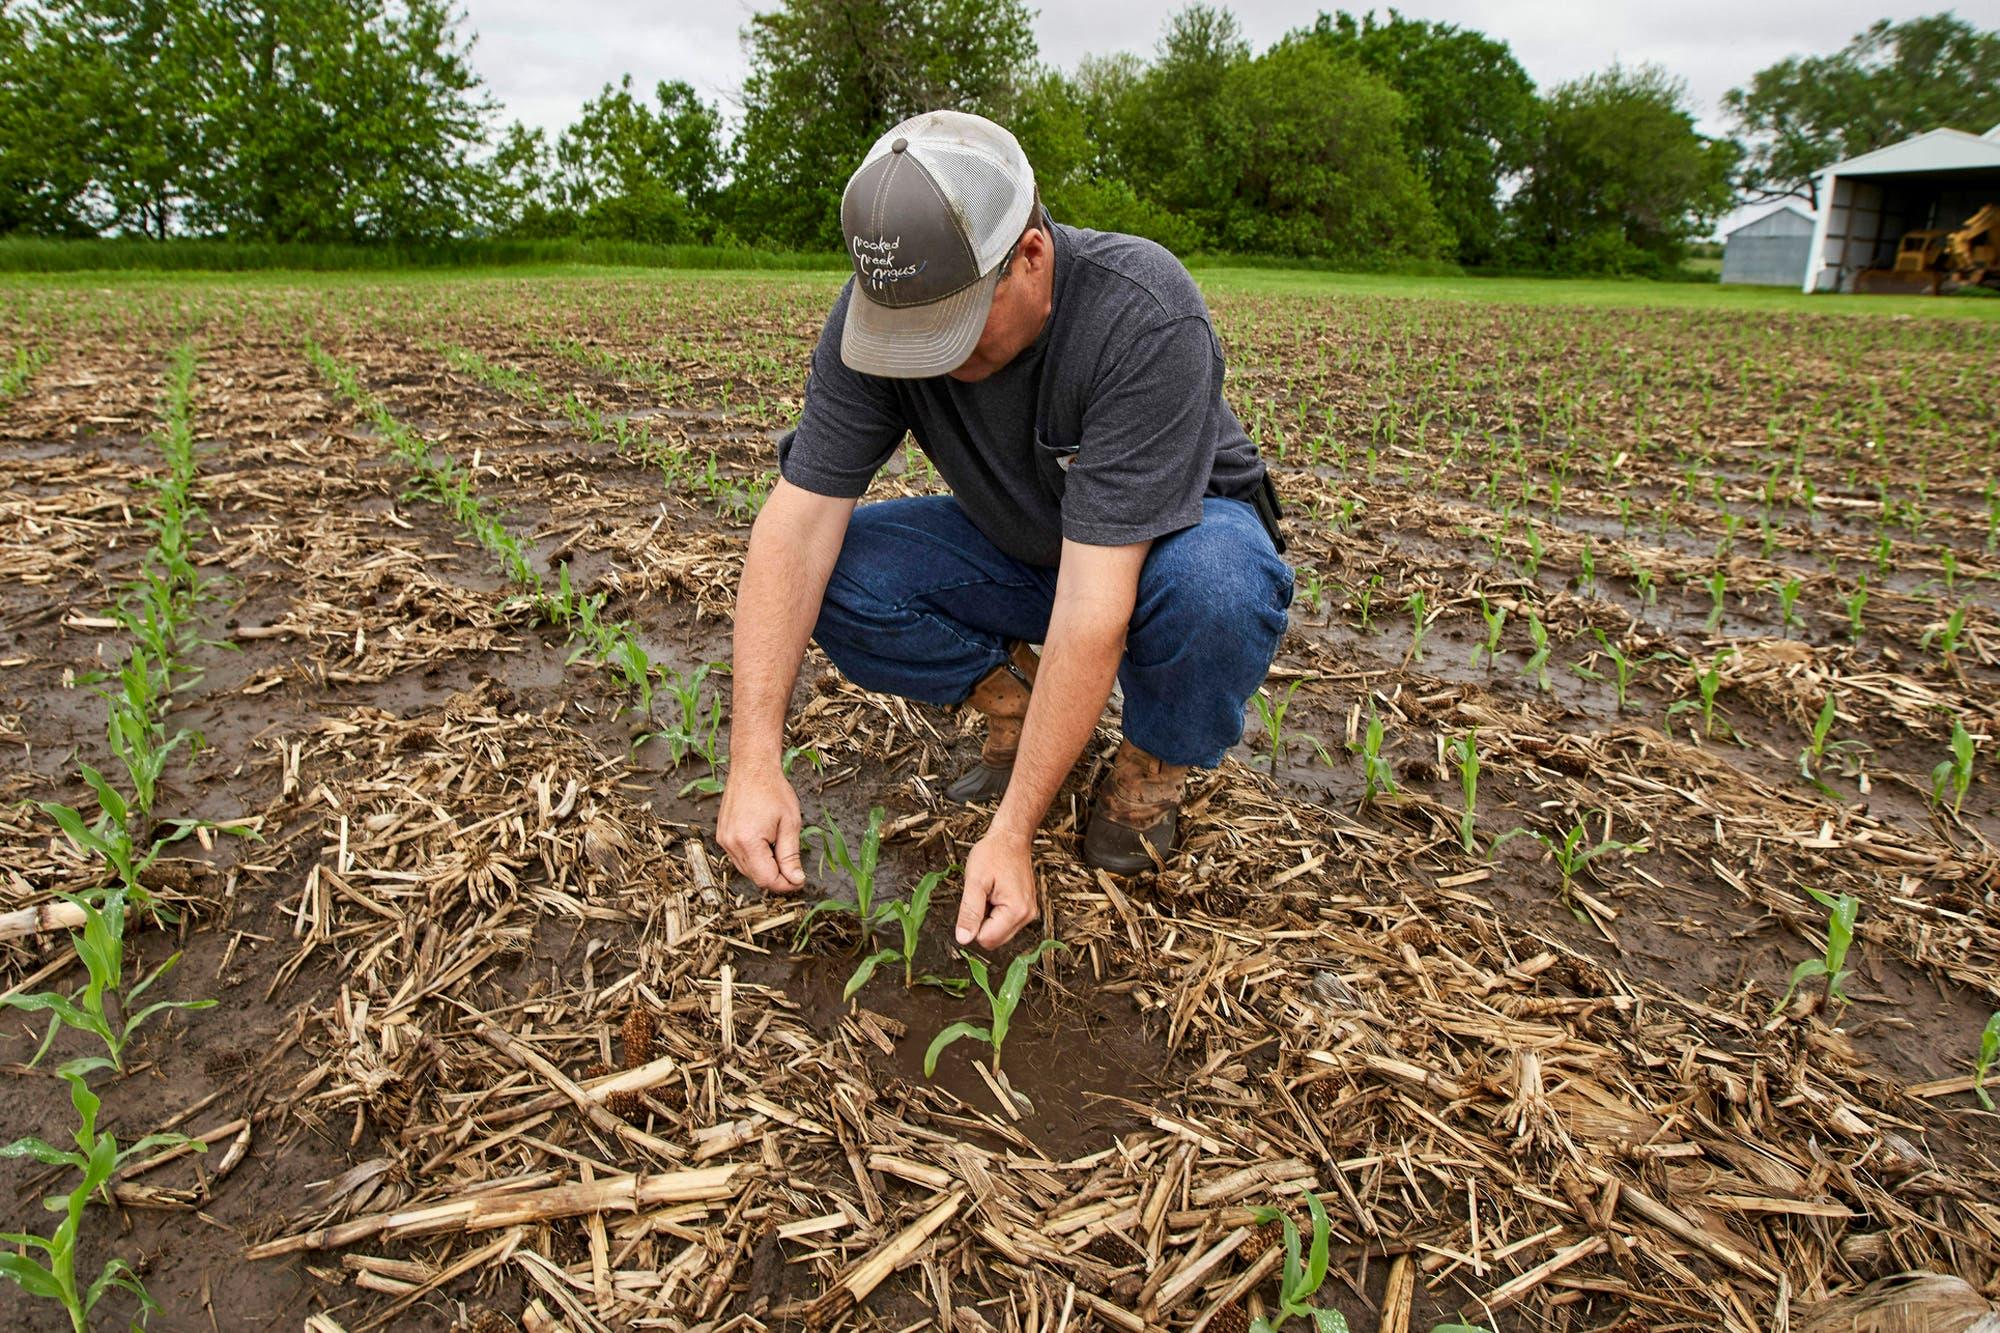 La desmejora de los cultivos en EE.UU. favoreció el repunte del valor del maíz en la Bolsa de Chicago